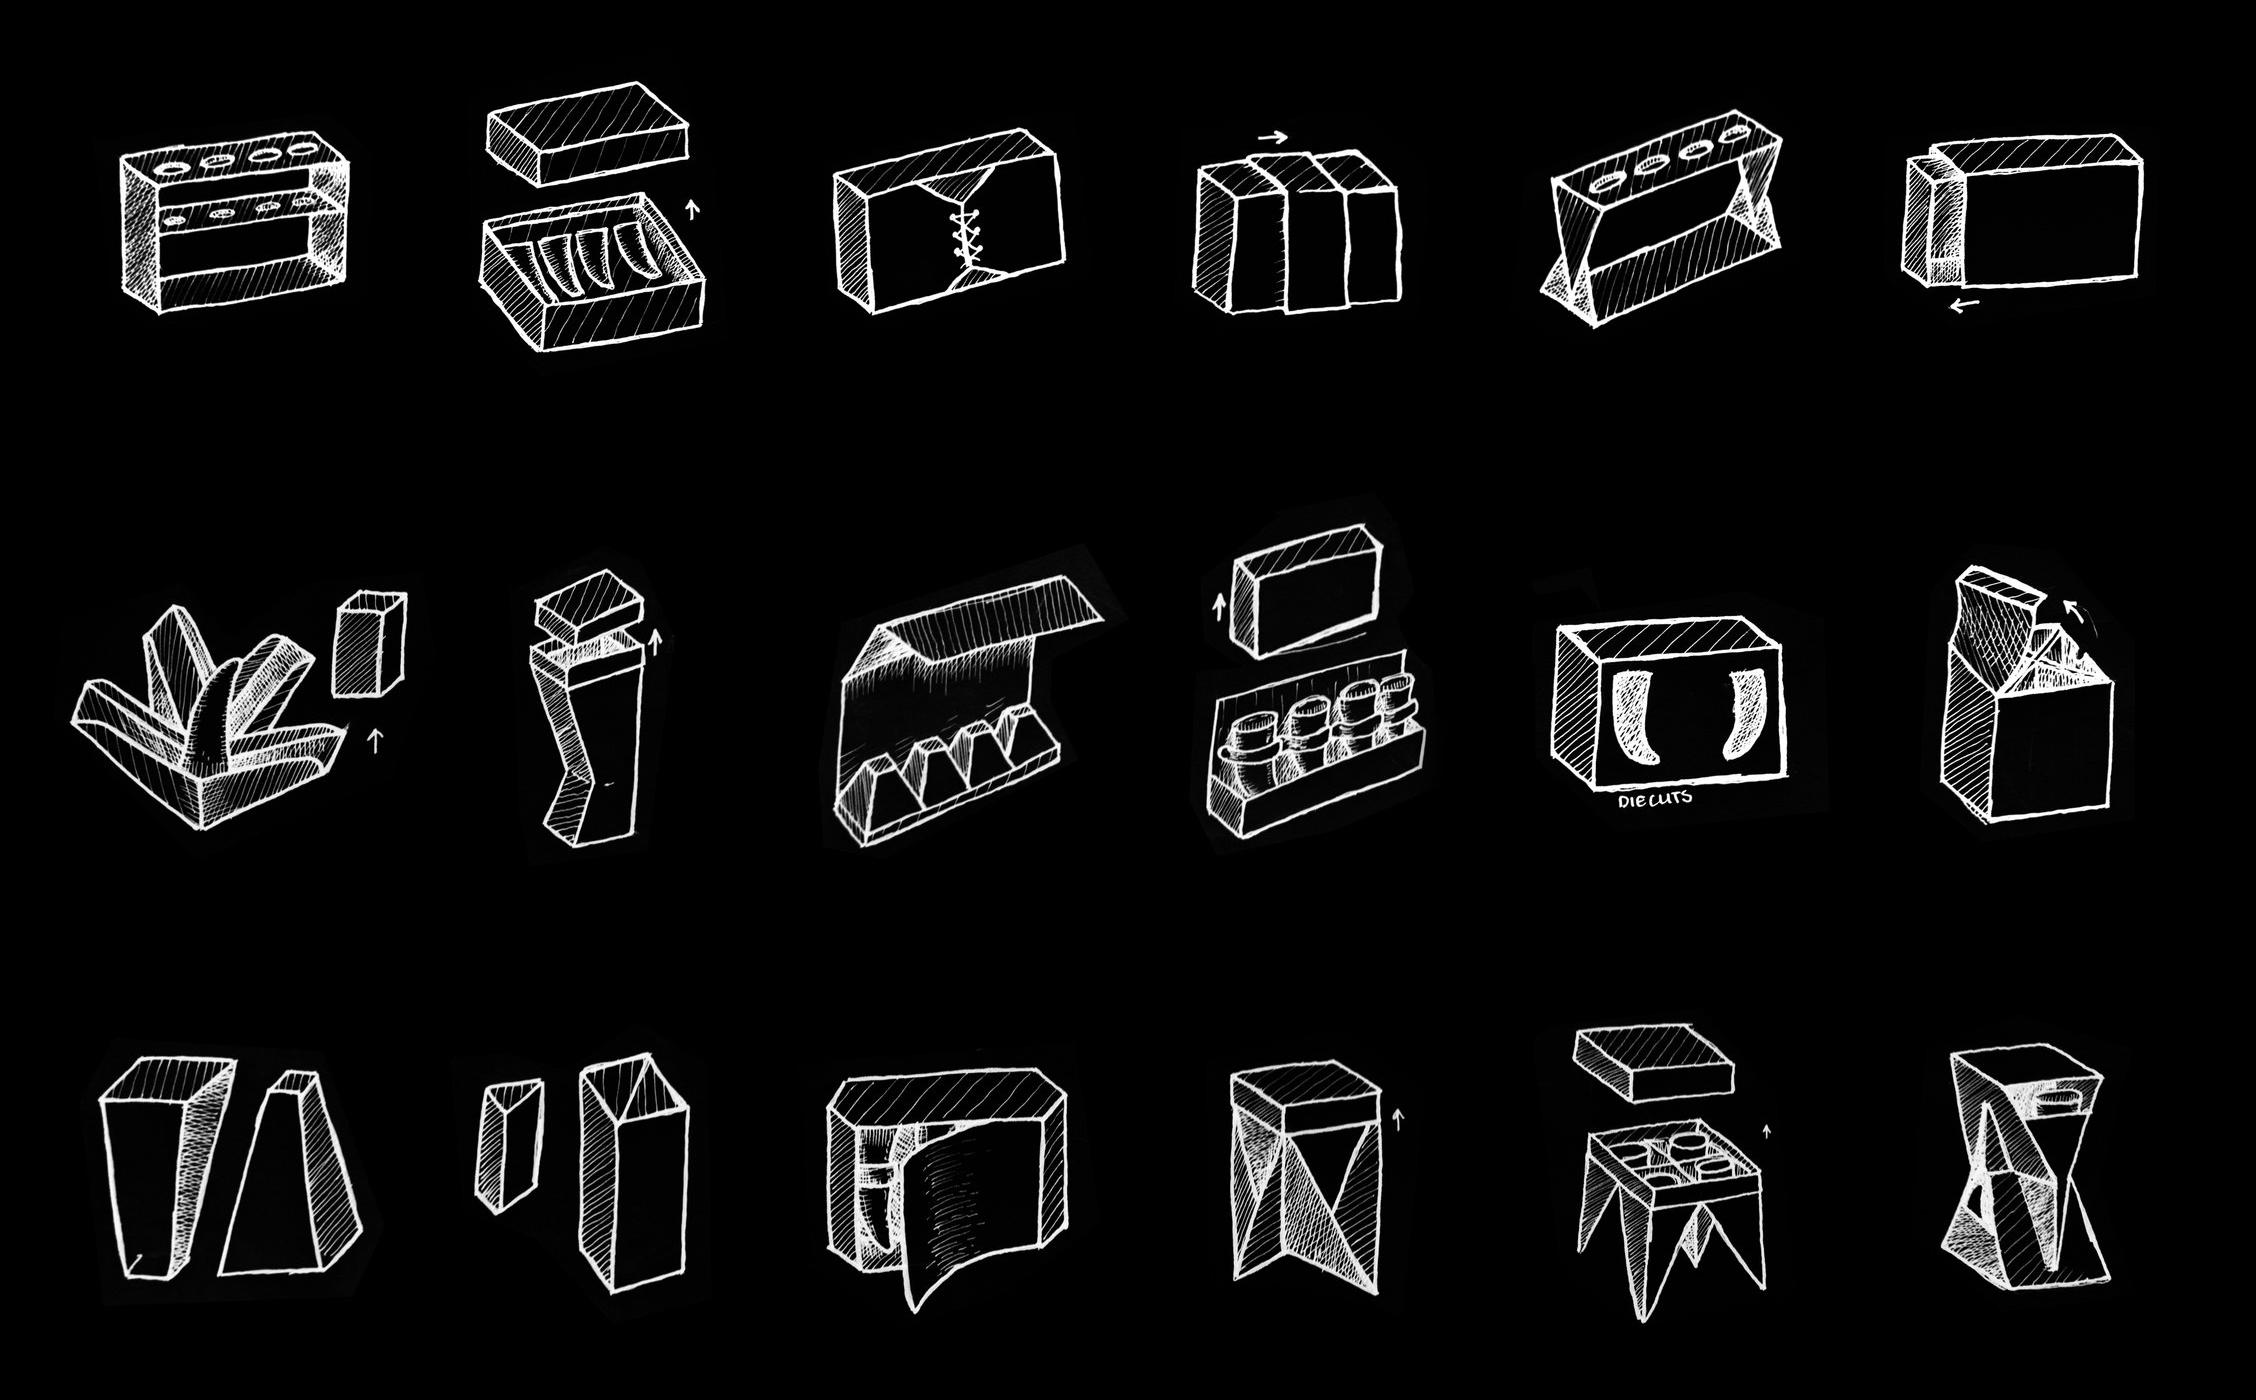 Box_Sketches_Das Fang.jpg